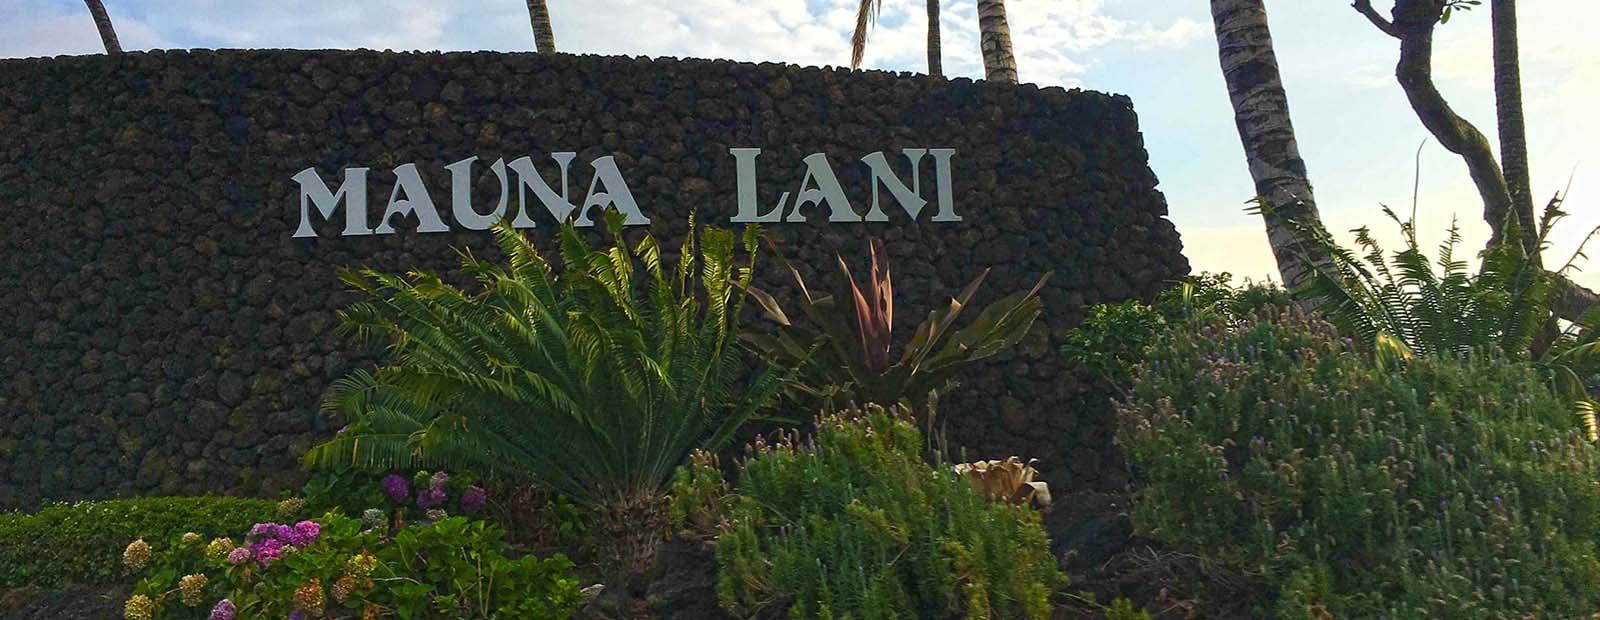 Mauna-Lani-Big-Island-Hawaii